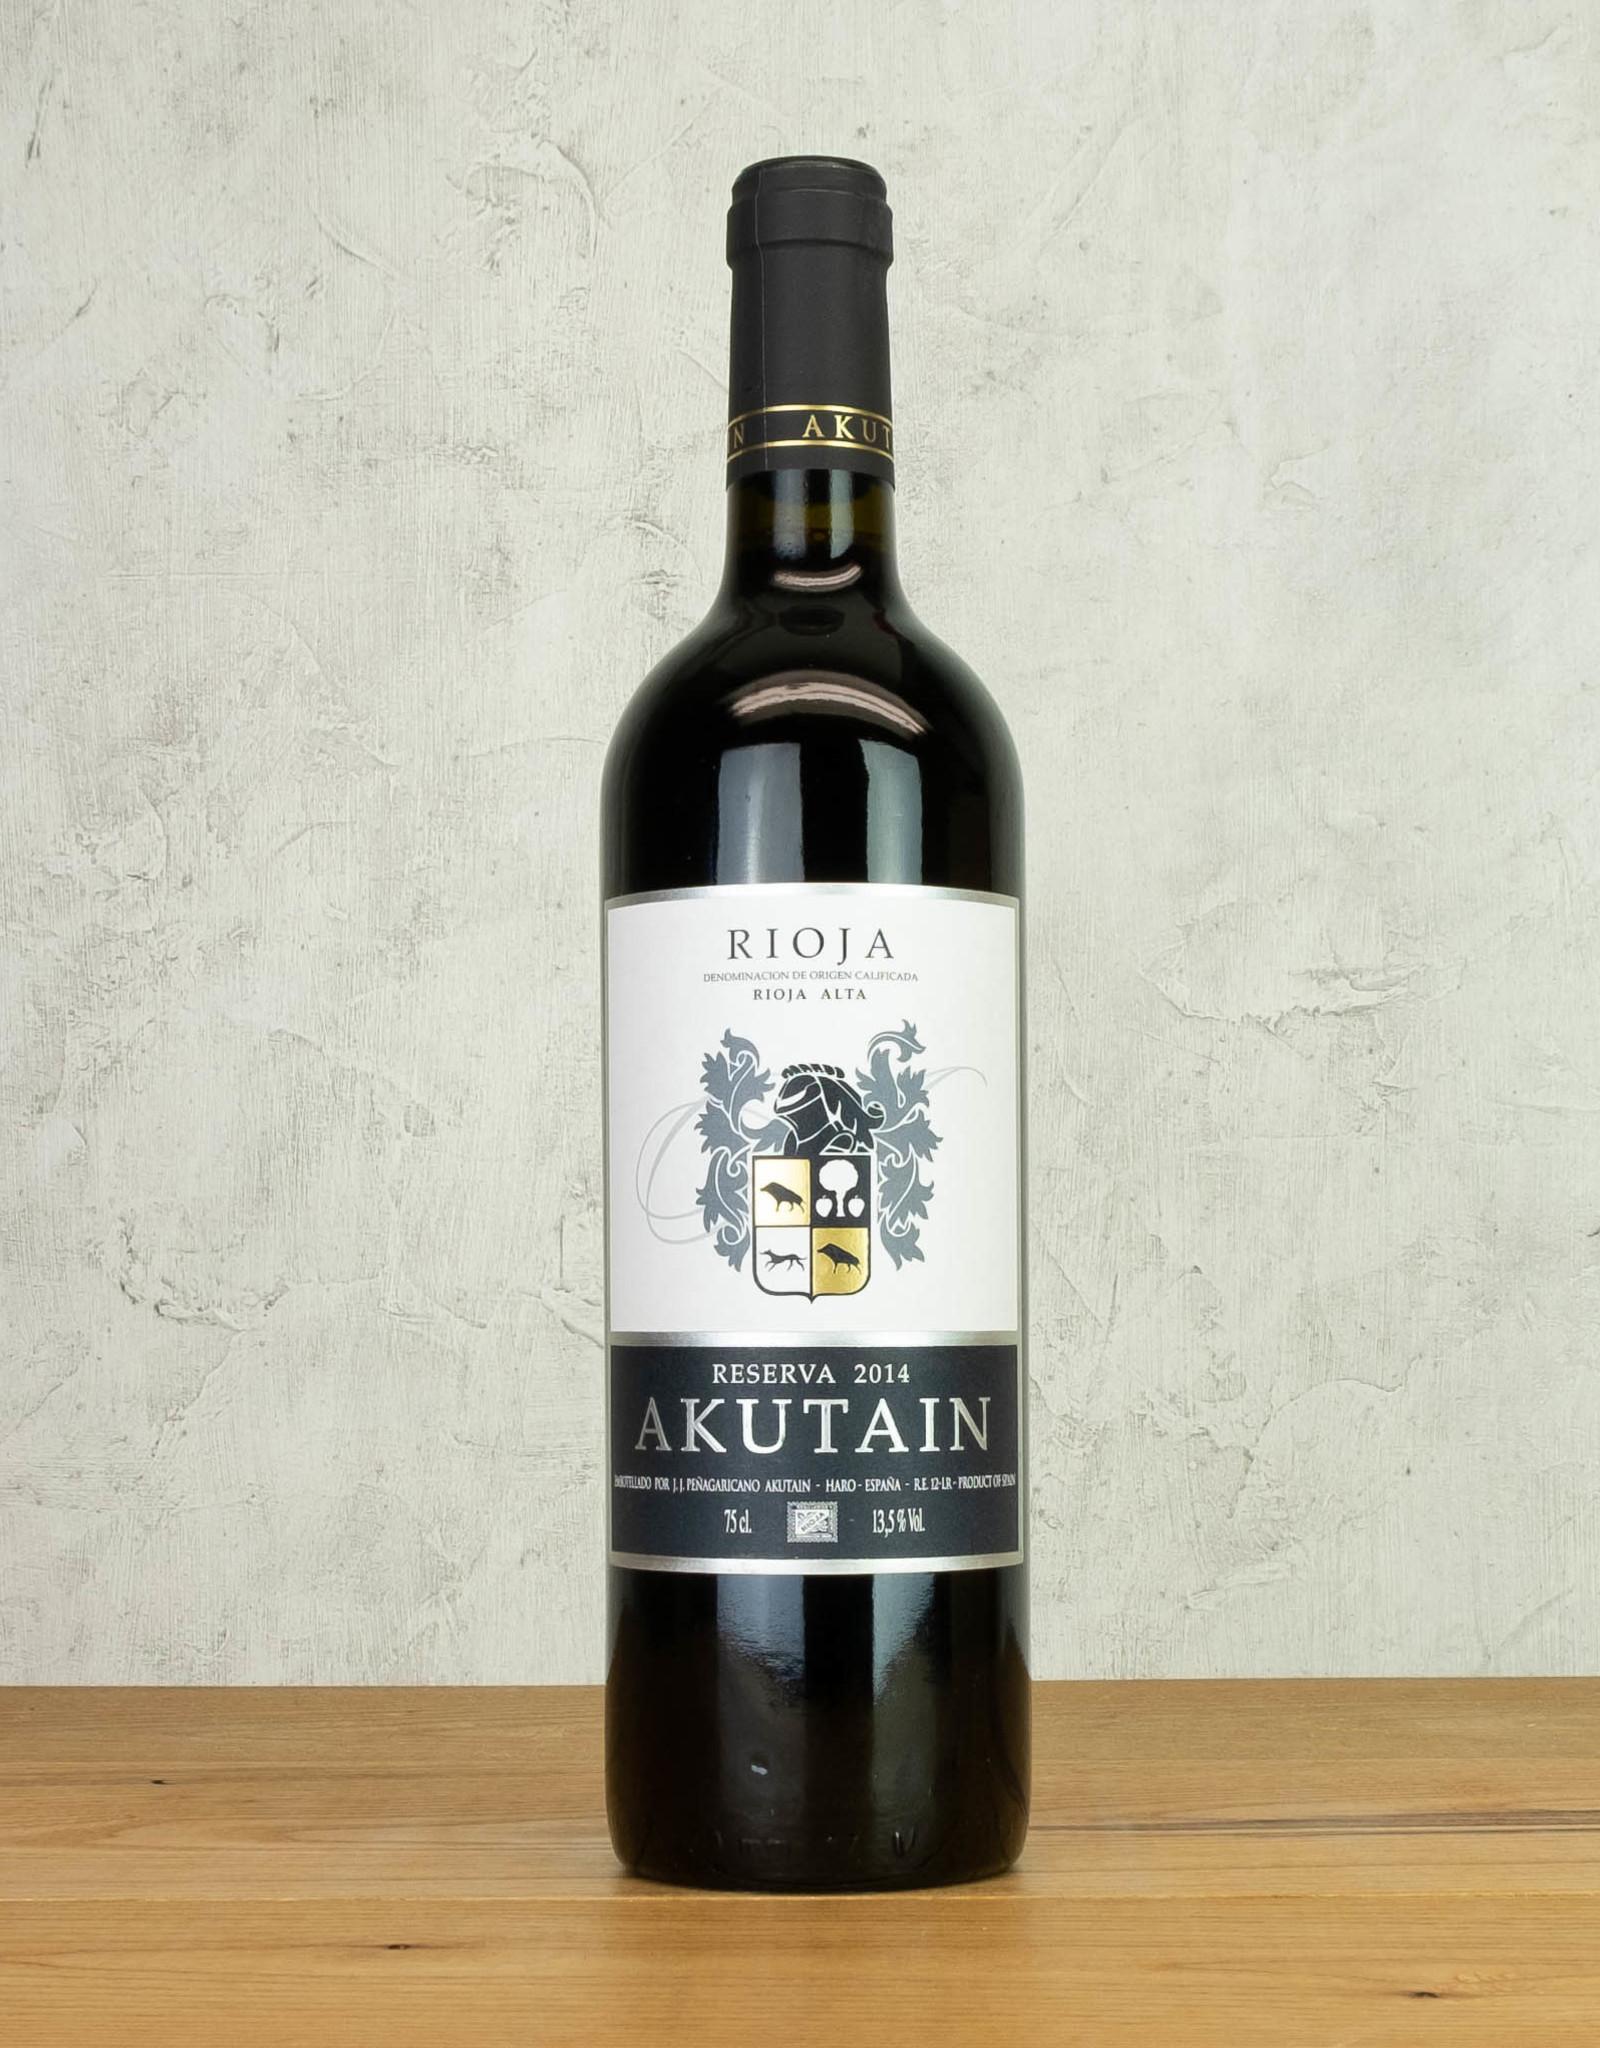 Akutain Rioja Reserva